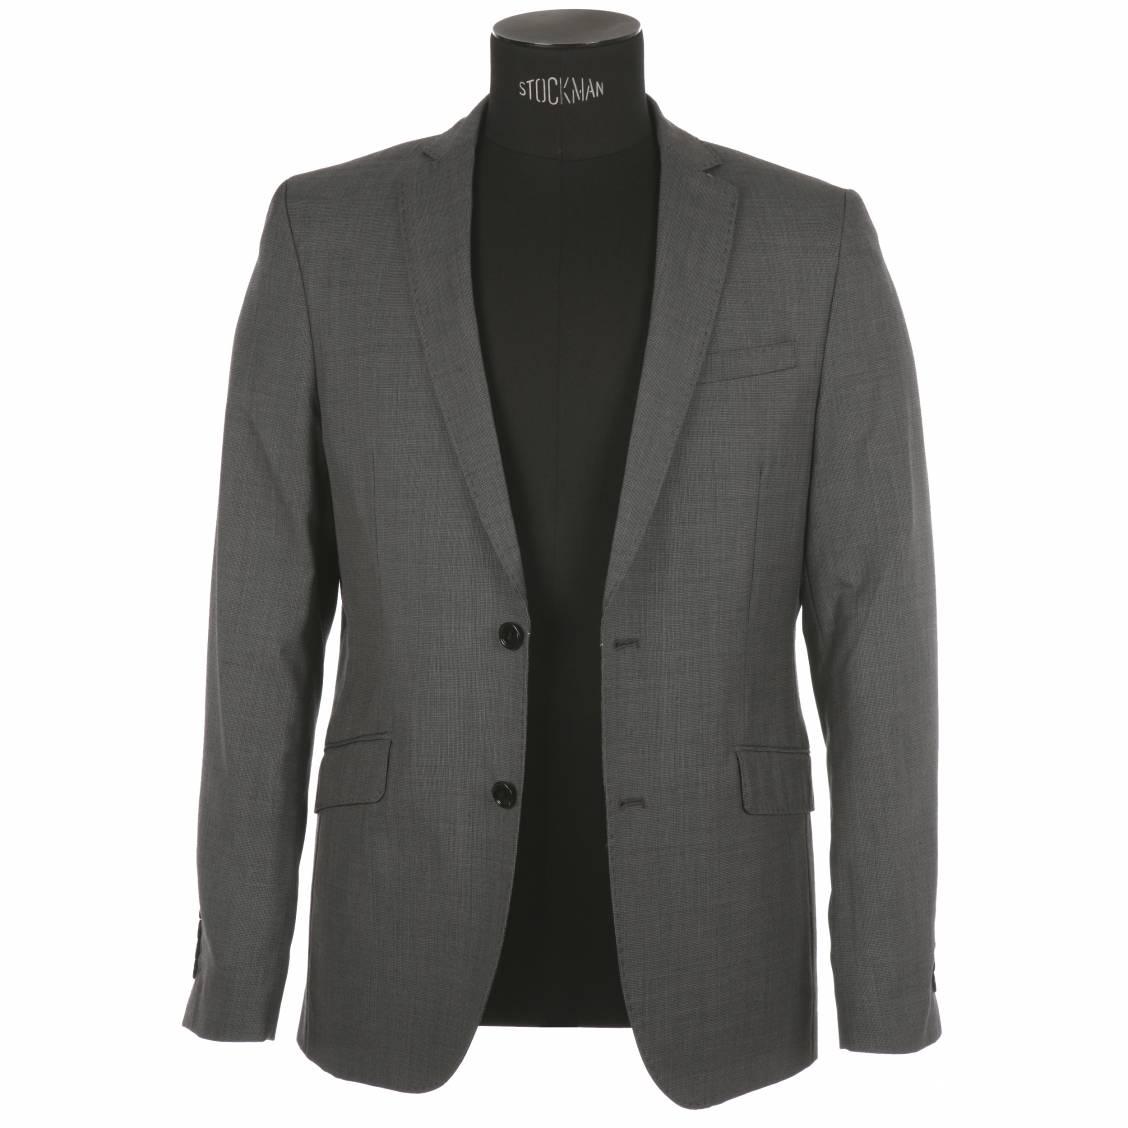 D'une élégance intemporelle, la veste pour homme a tout pour conférer un look moderne et viril. Des blousons zippés aux doudounes pourvues d'un col montant en passant par les modèles en jeans à effet usé, les vestes pour homme de cette sélection se déclinent dans un vaste panel de coupes et de couleurs.